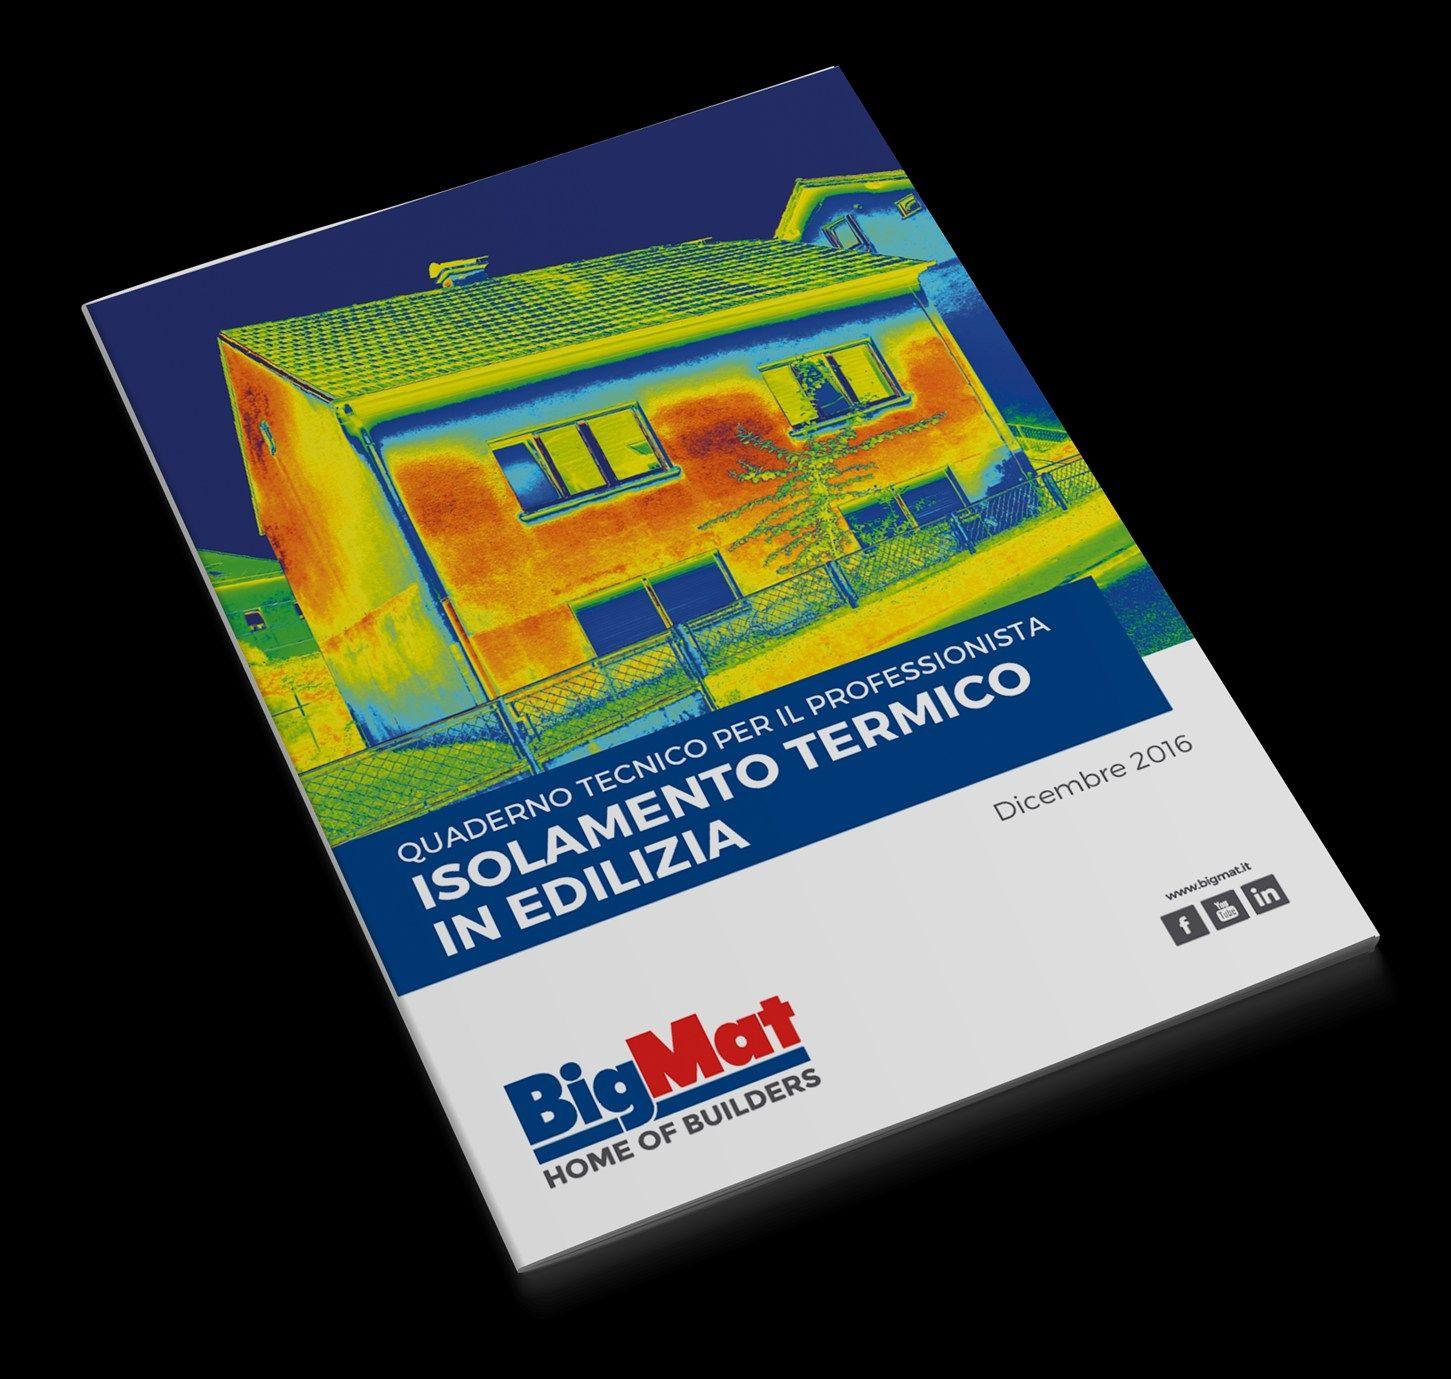 Tornano i quaderni tecnici BigMat